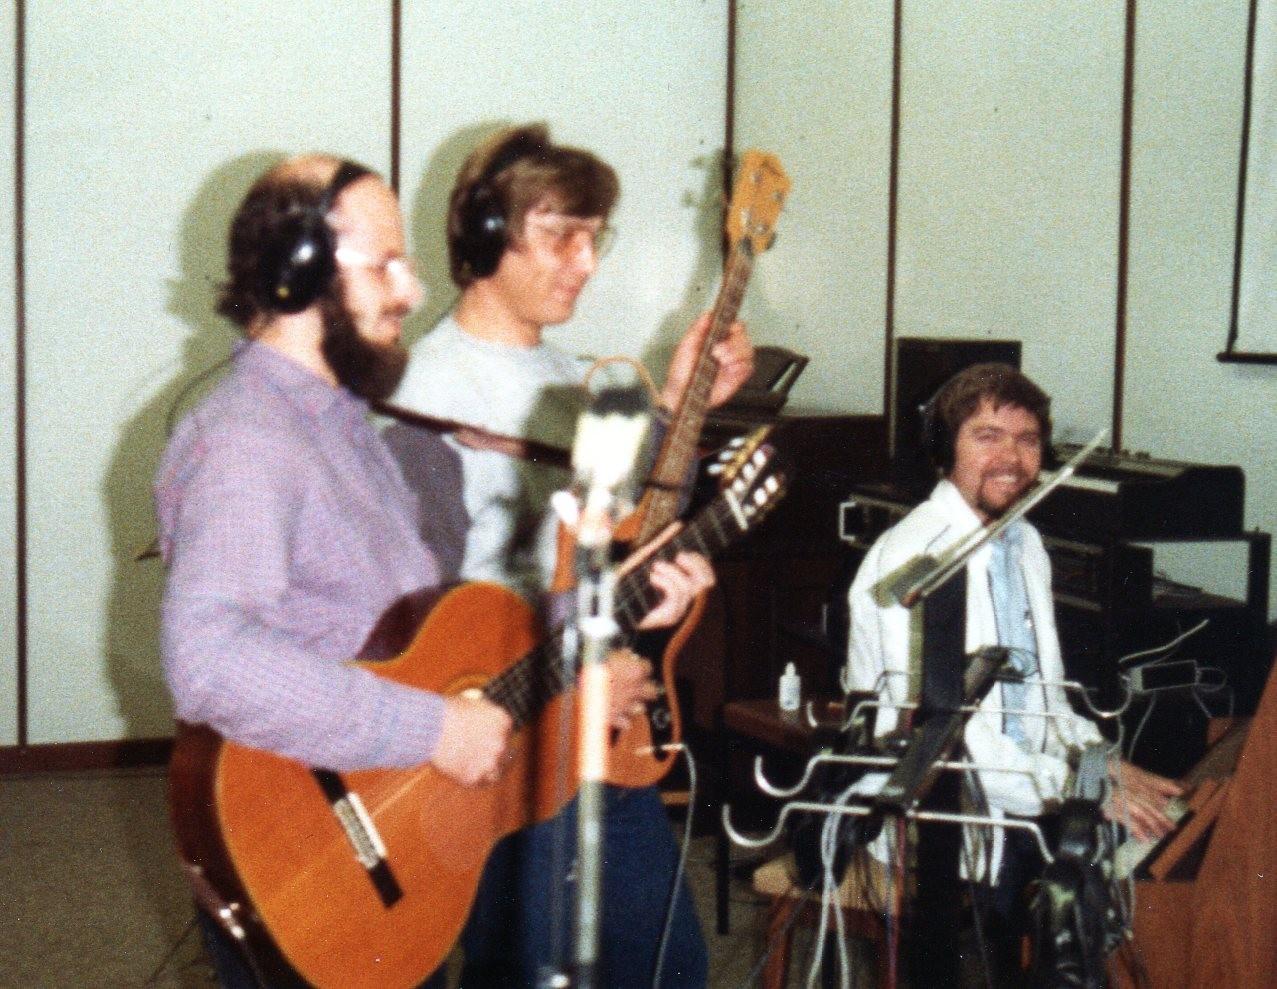 Collies im Studio - Tonaufnahmen -